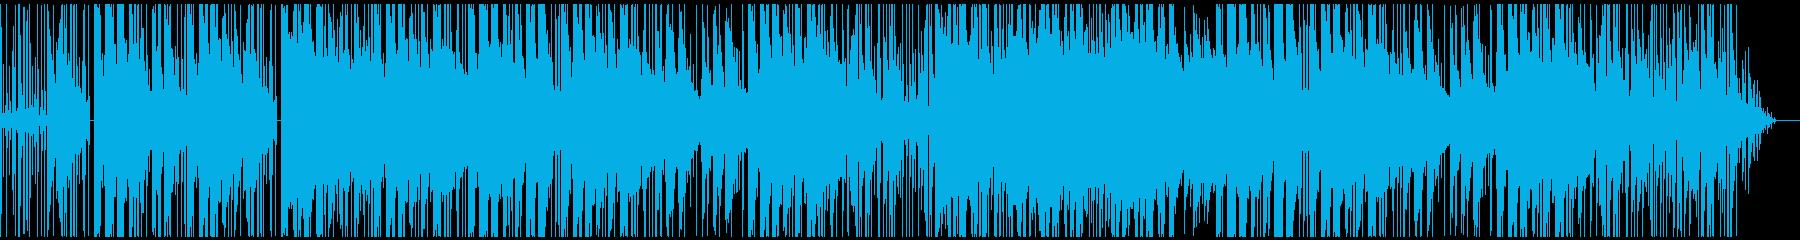 Lo-FiでChillなHipHopの再生済みの波形